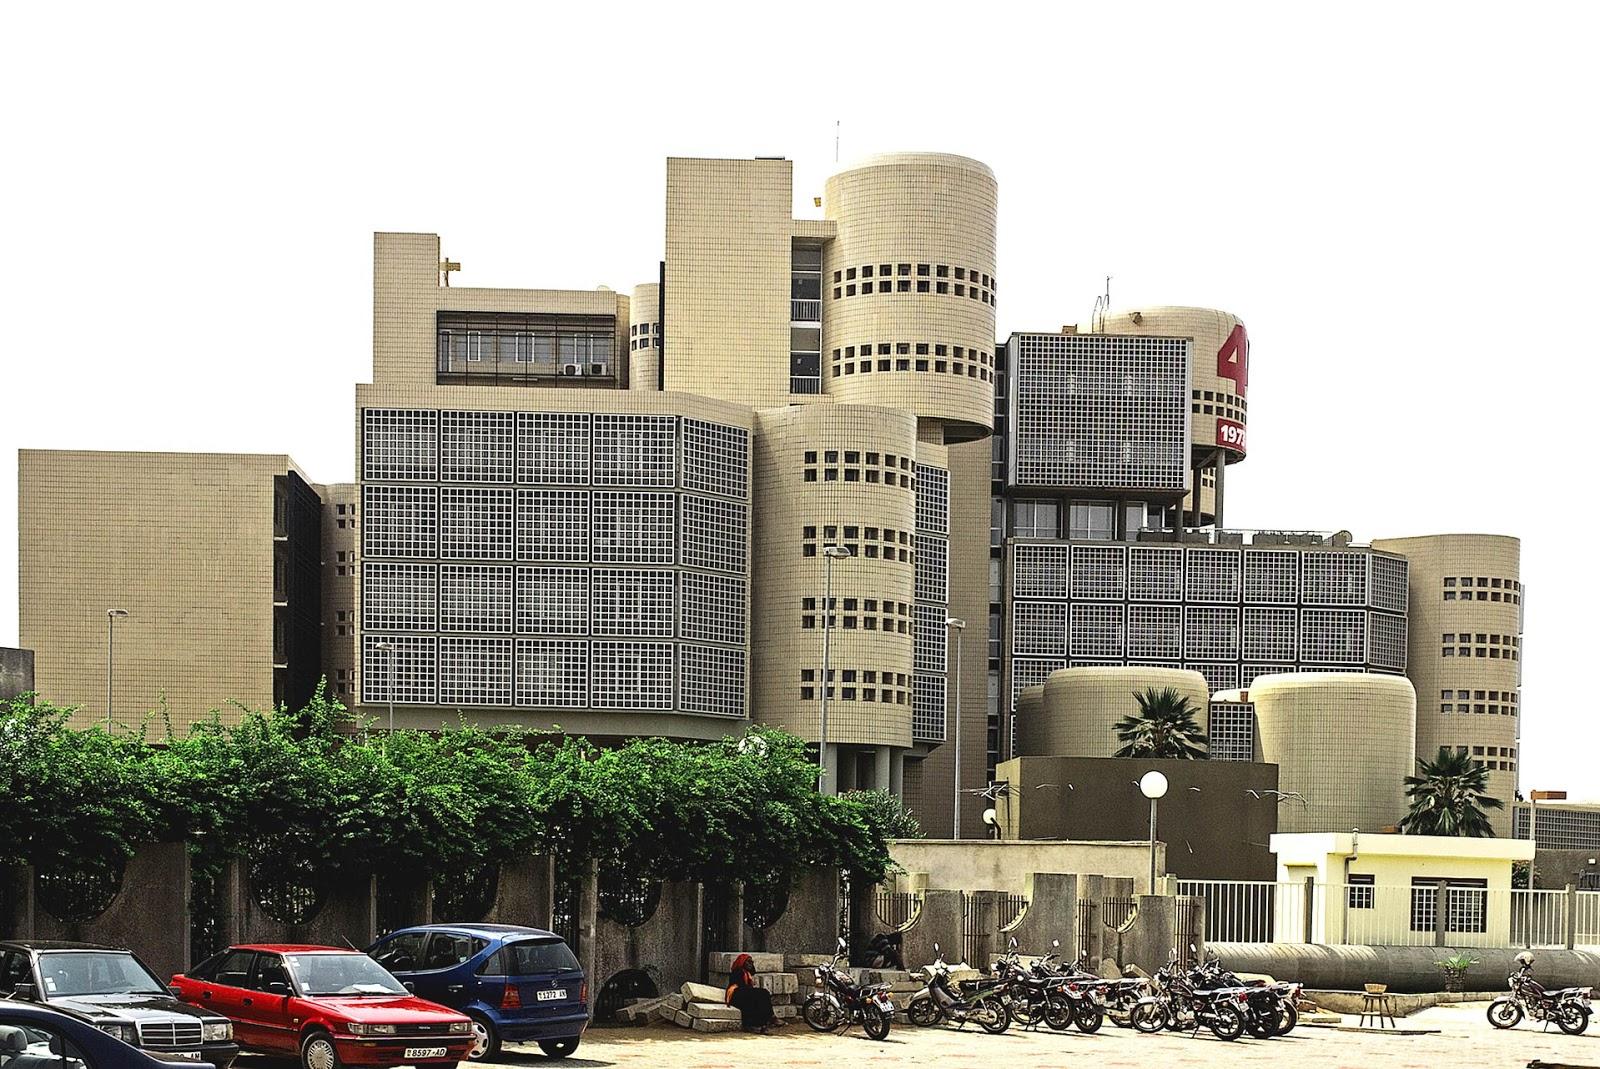 Banque Ouest Africaine de Developement